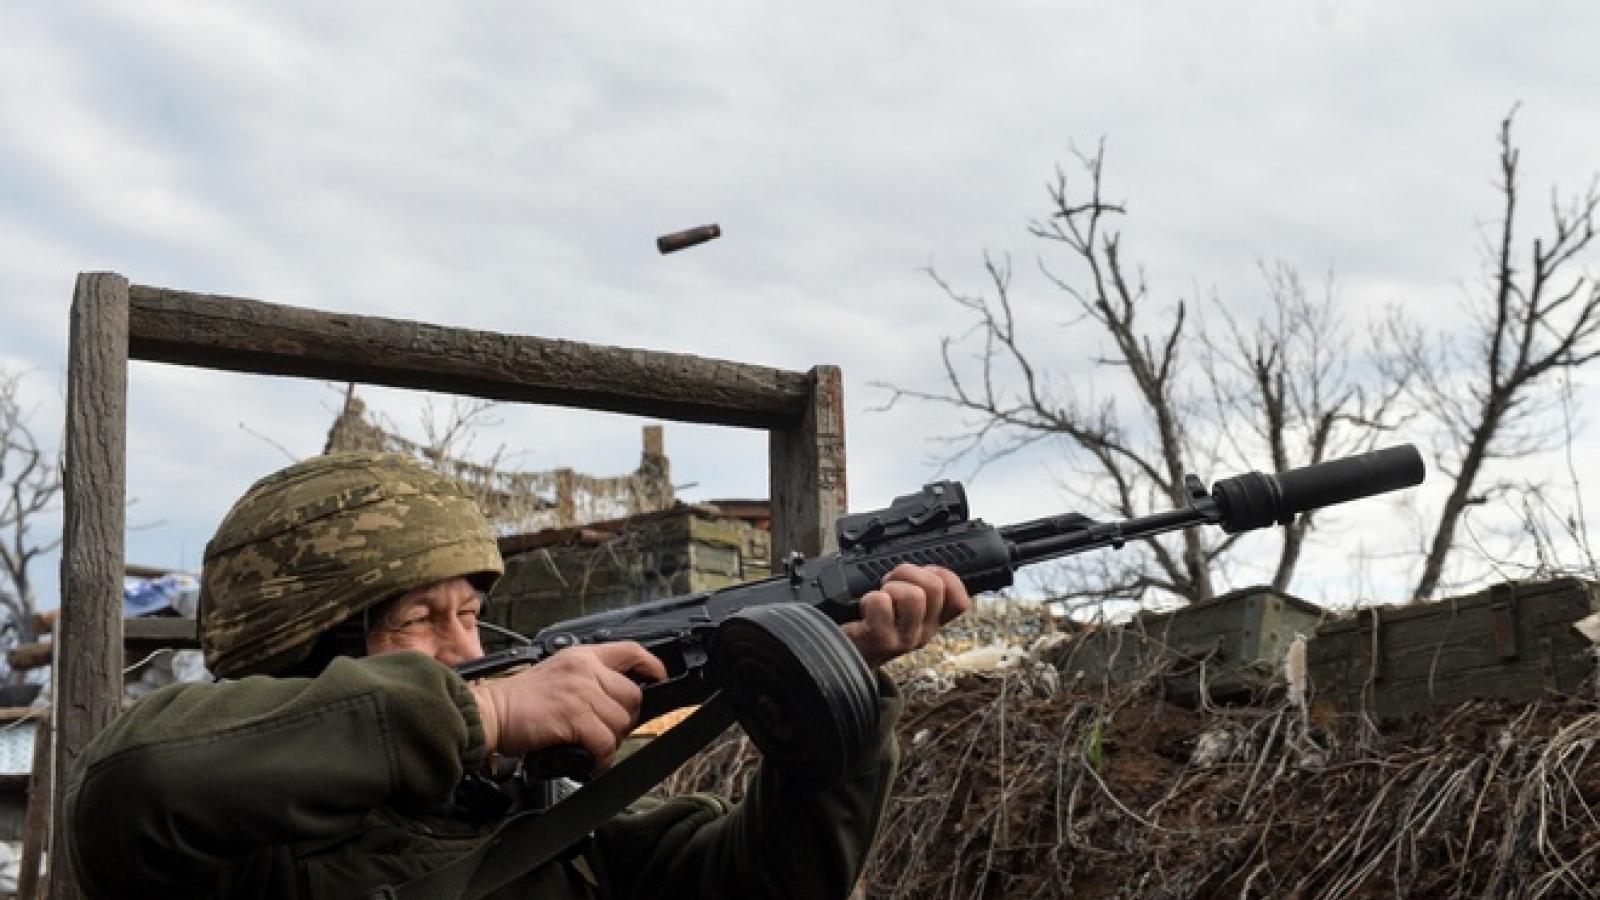 """Ukraine: Nga cần chấm dứt """"sự ngụy biện quân sự và thông tin sai lệch"""""""